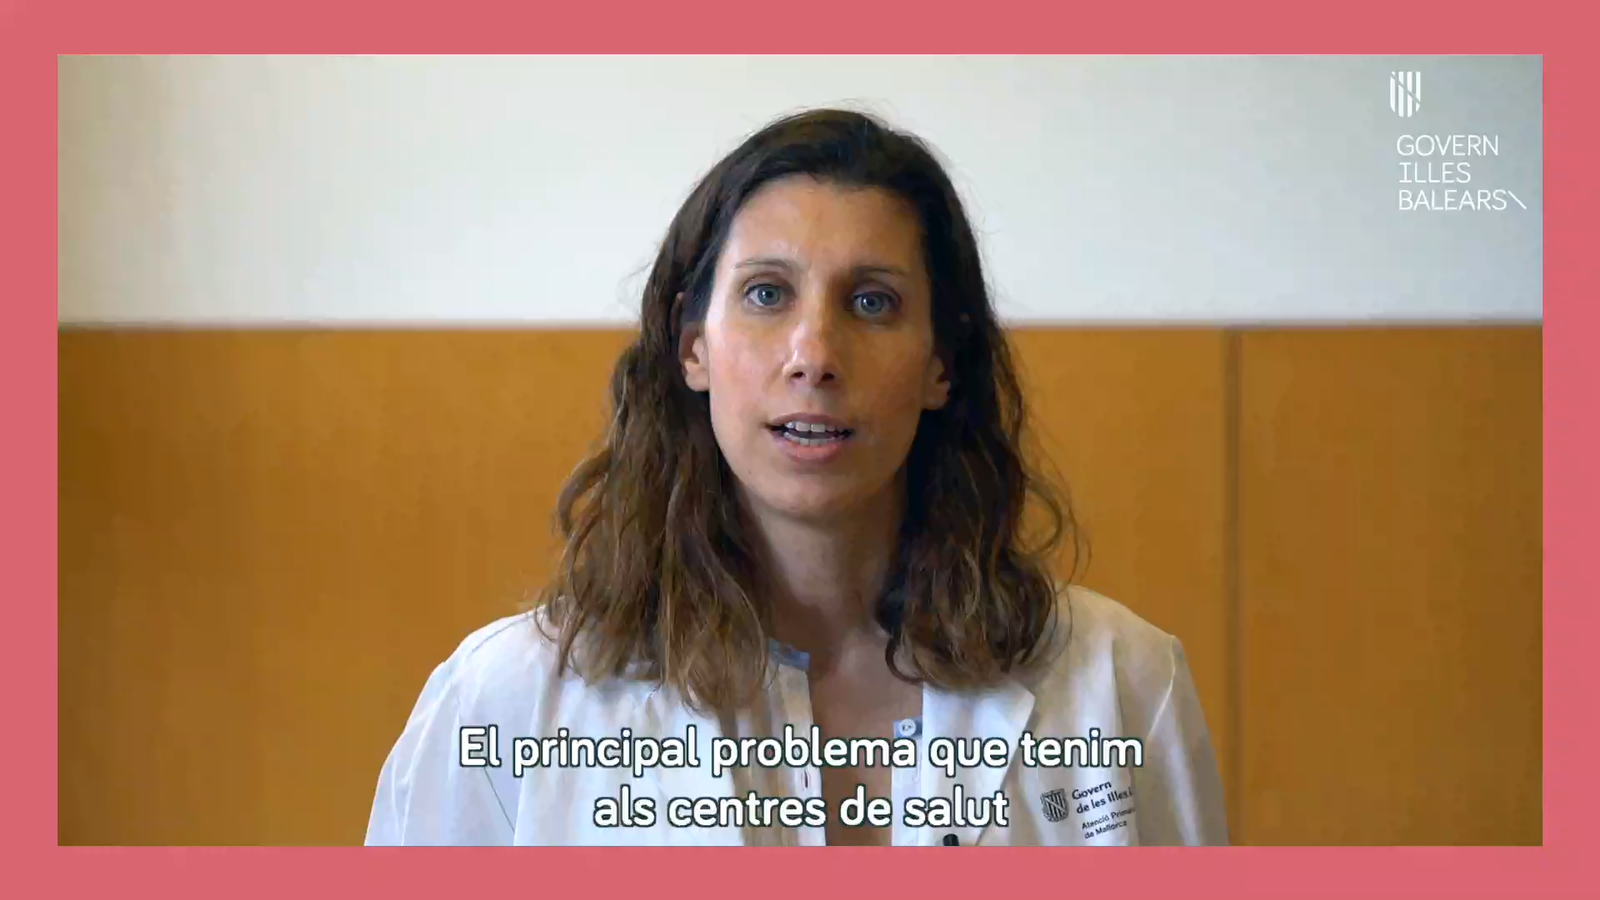 Vídeo del Govern on indica a la població que ha de demanar cita abans d'anar al centre de salut